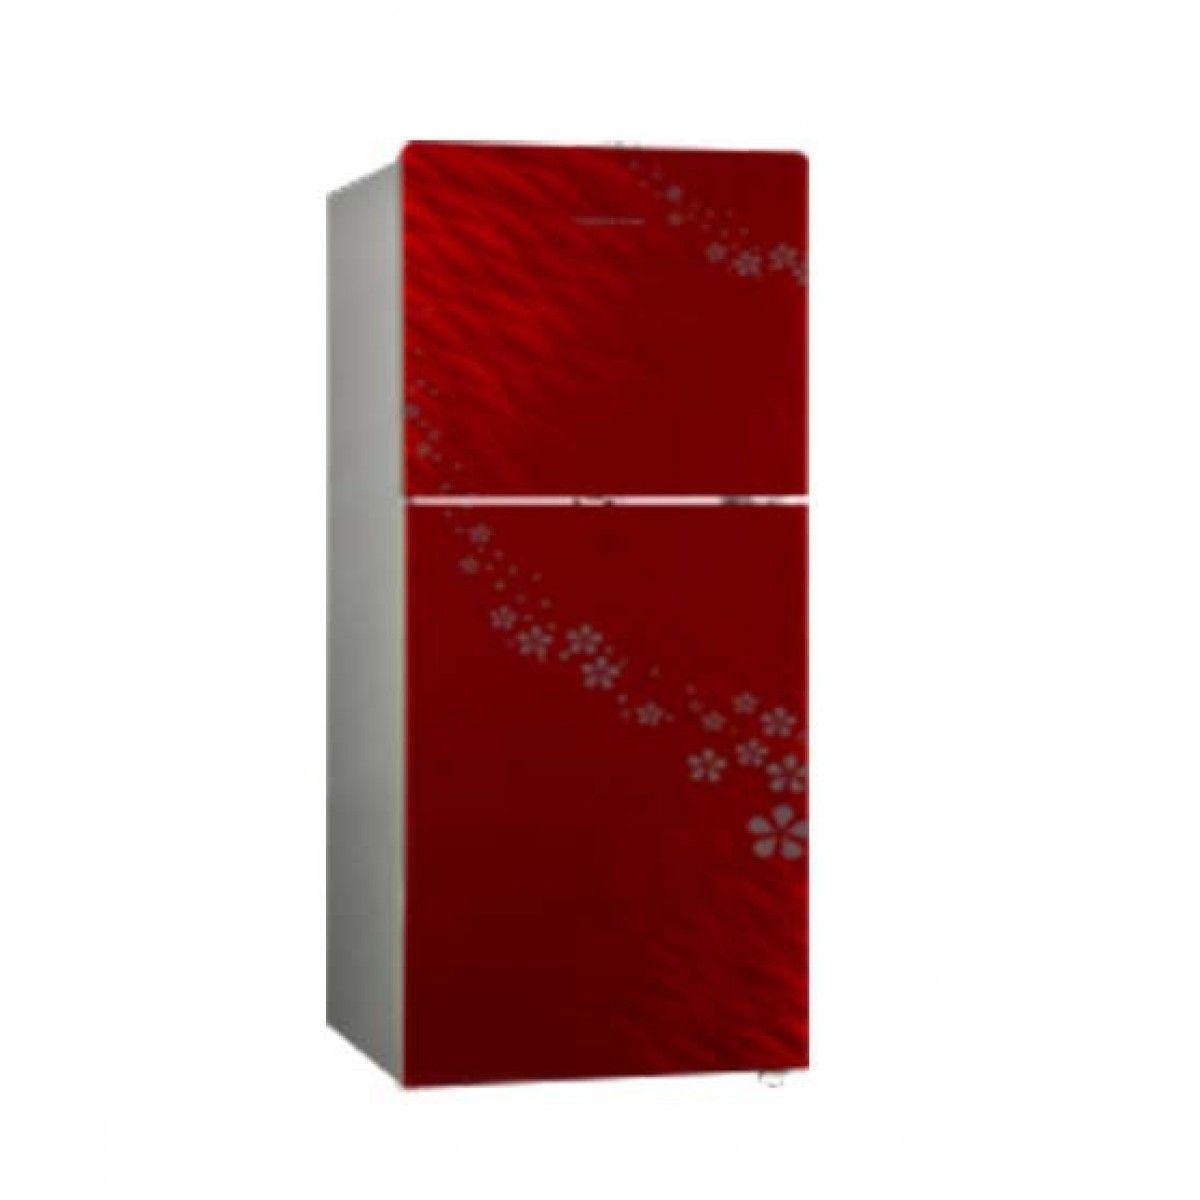 Changhong Ruba CHR-DD308G Double Door Direct Cool 11 cu ft  Refrigerator